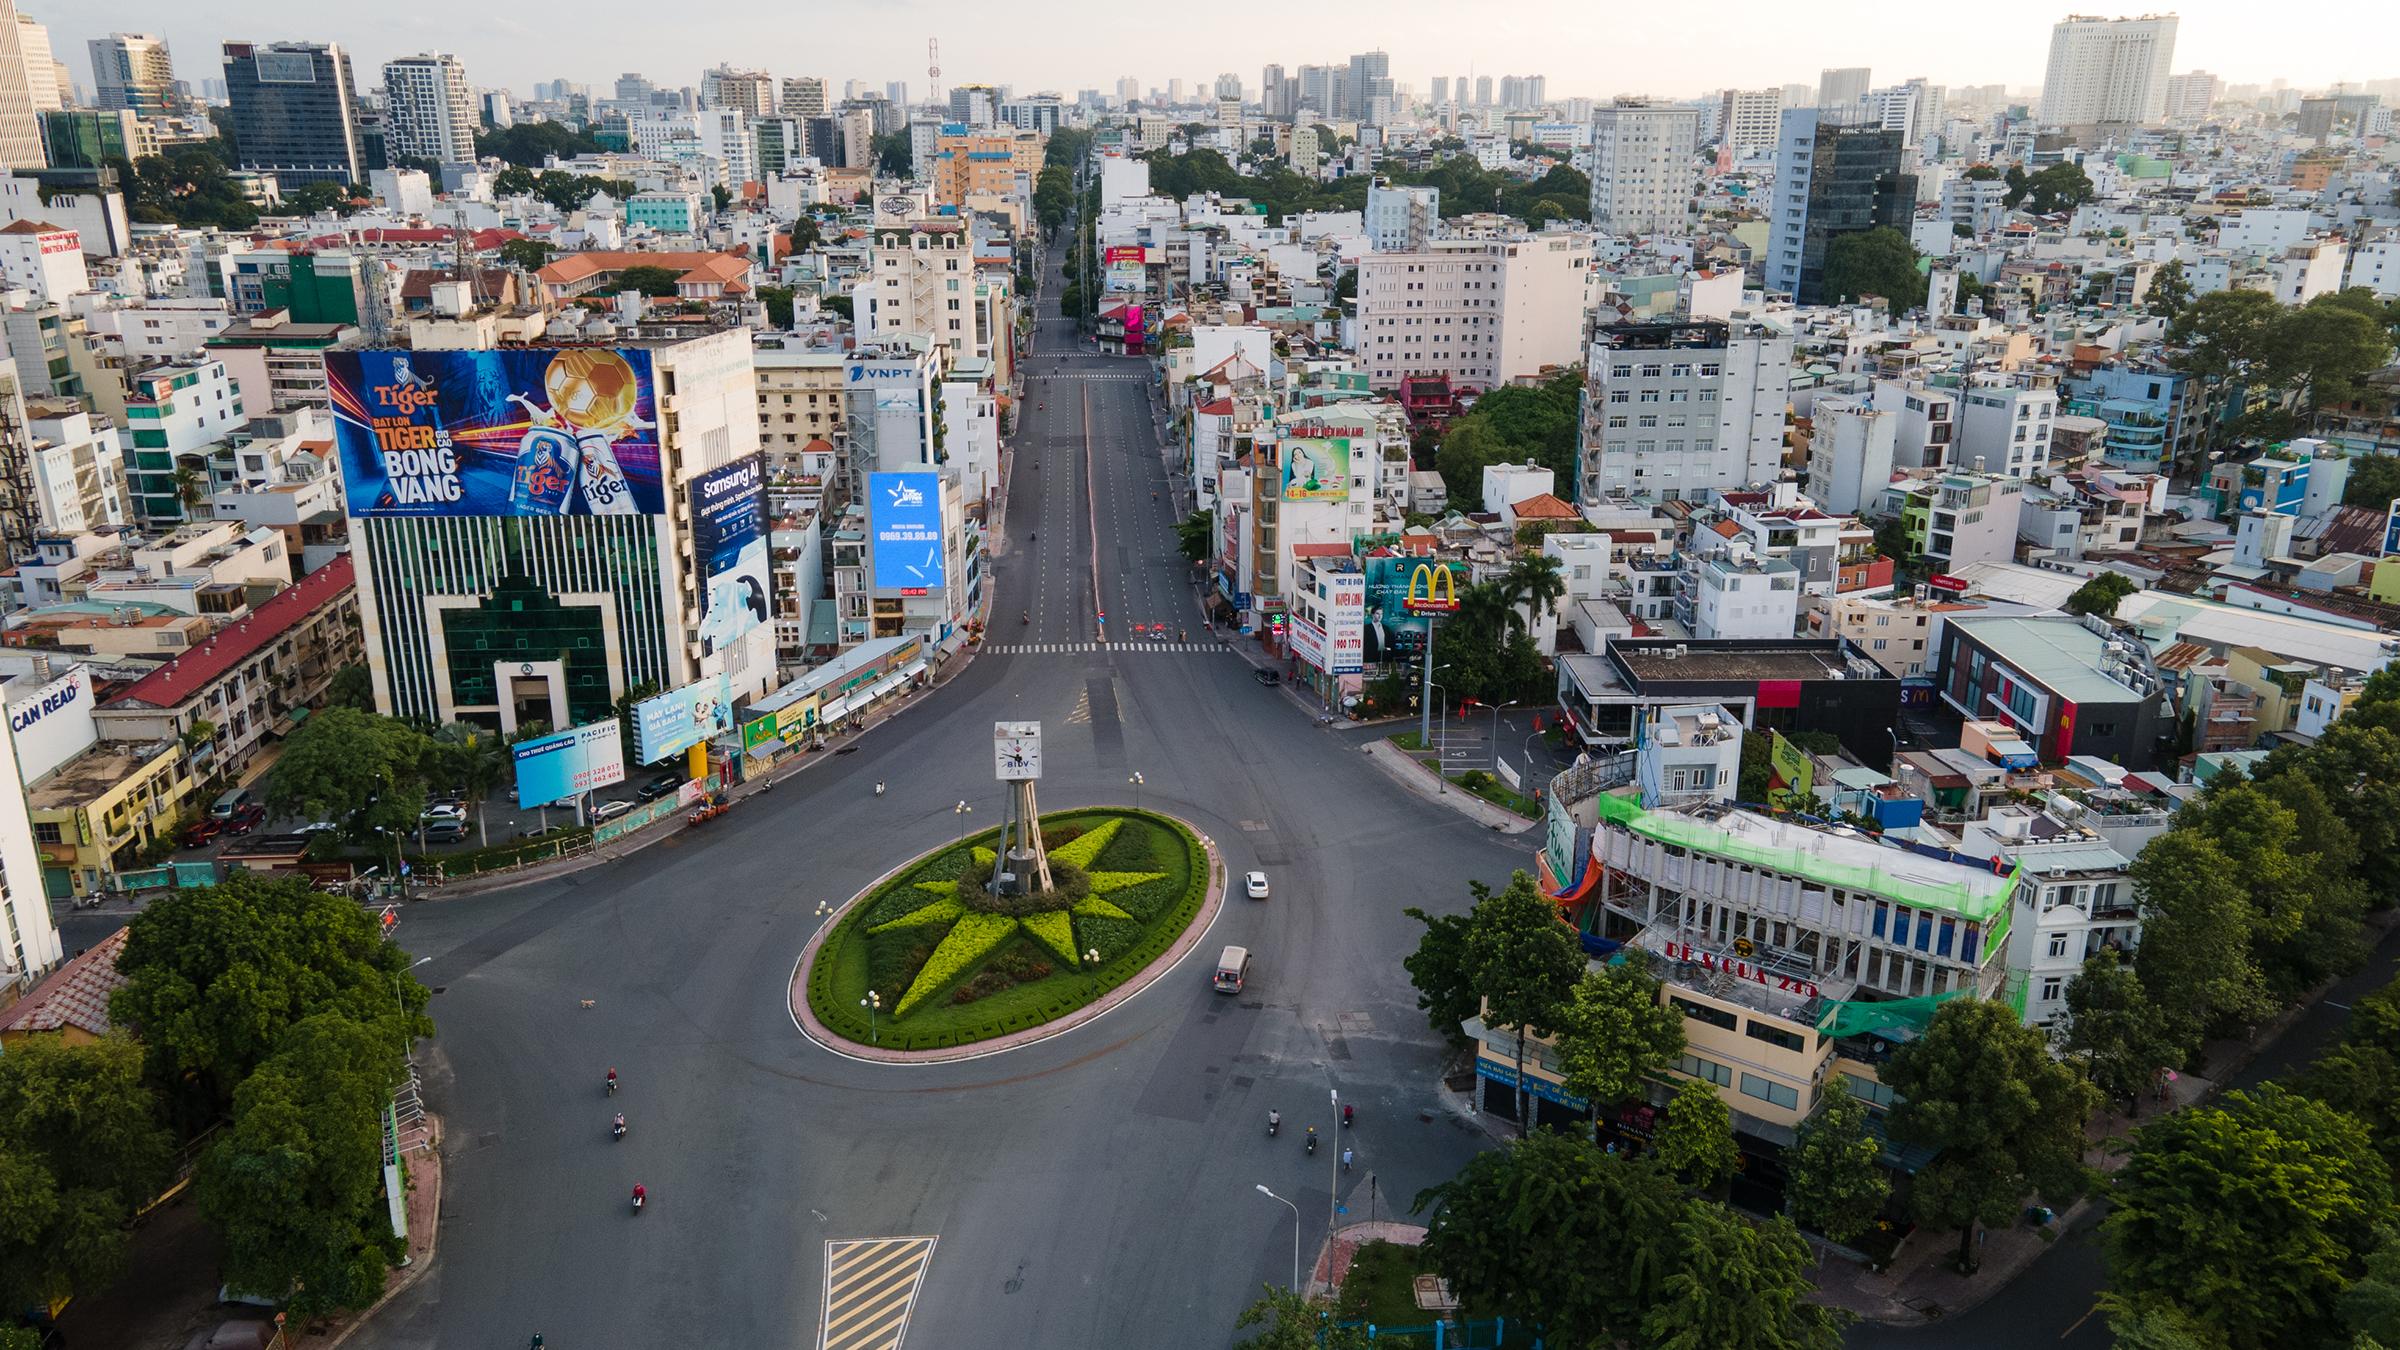 Vòng xoay Điện Biên Phủ thưa vắng người và xe, khi TP HCM yêu cầu người dân không ra đường và dừng mọi hoạt động sau 18h, ngày 26/7. Ảnh: Thành Nguyễn